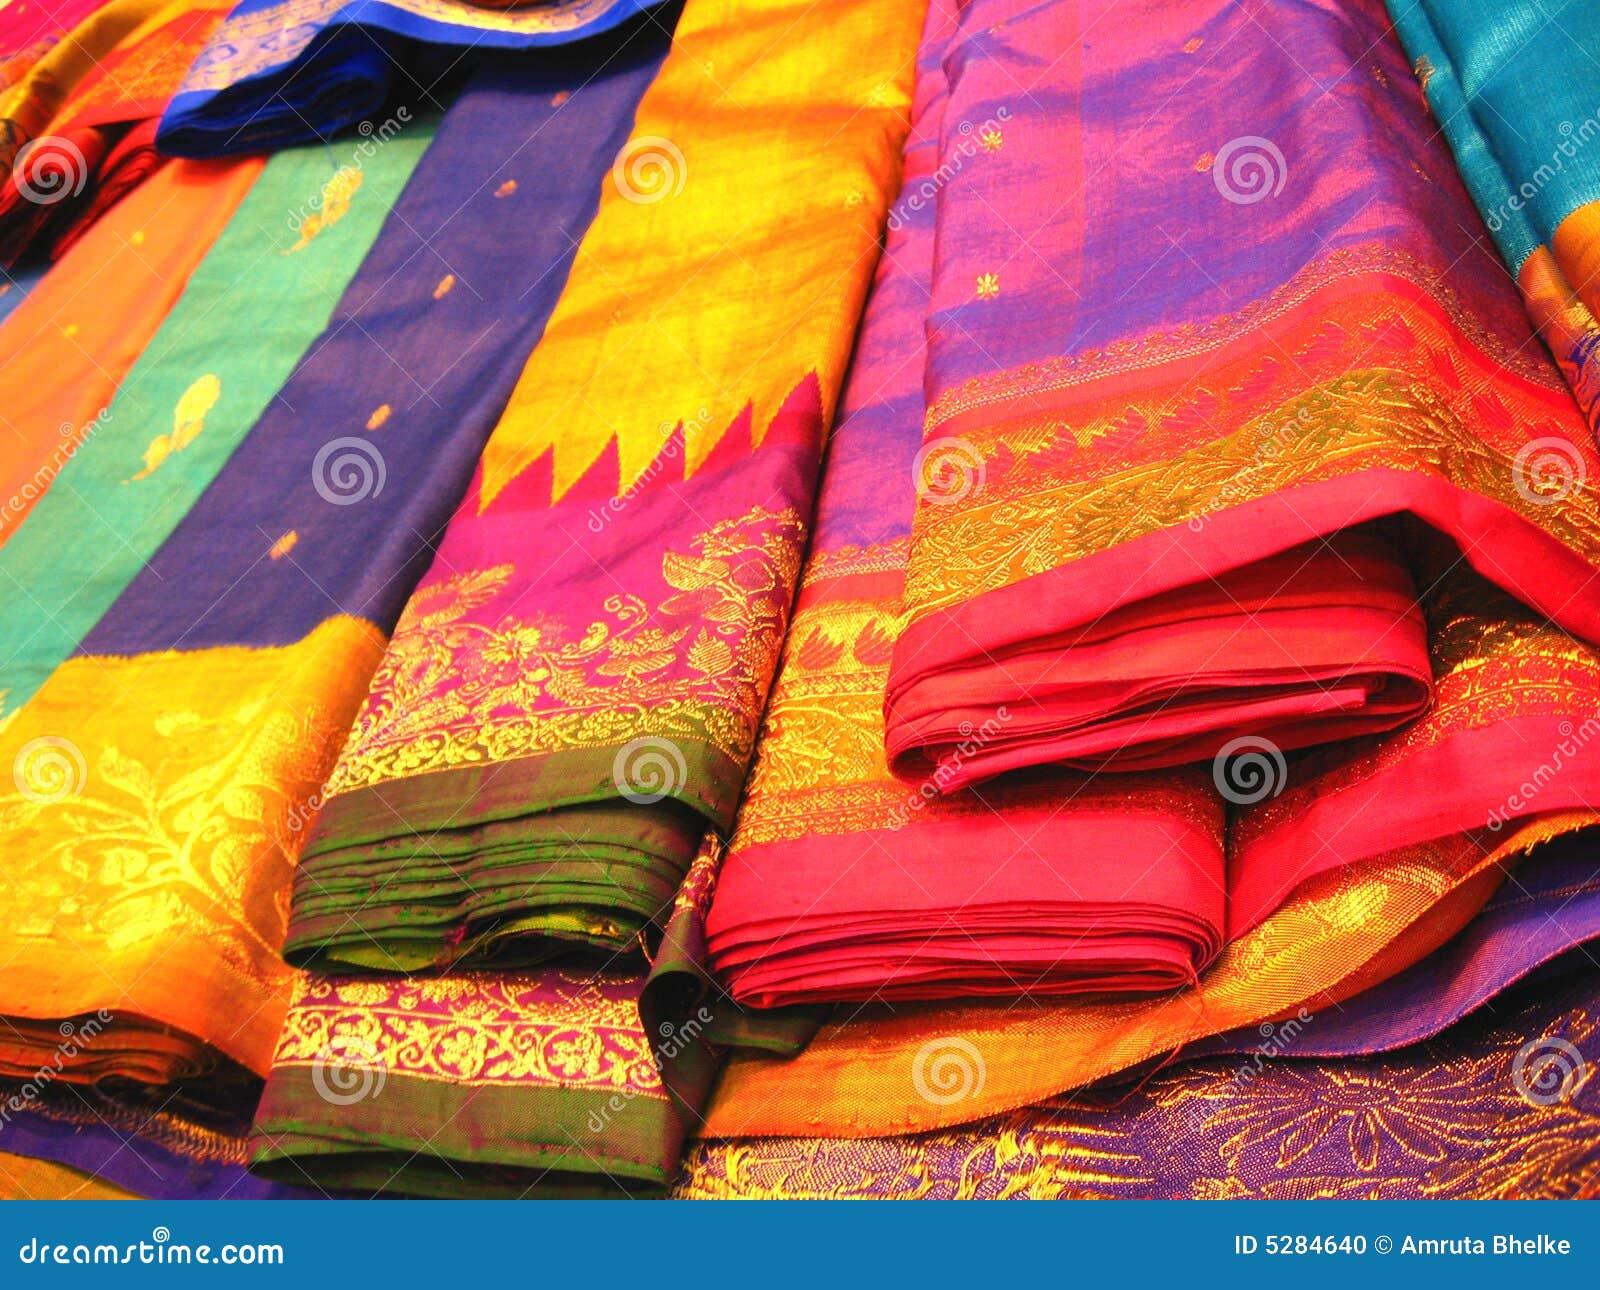 Colorful Indian Sarees